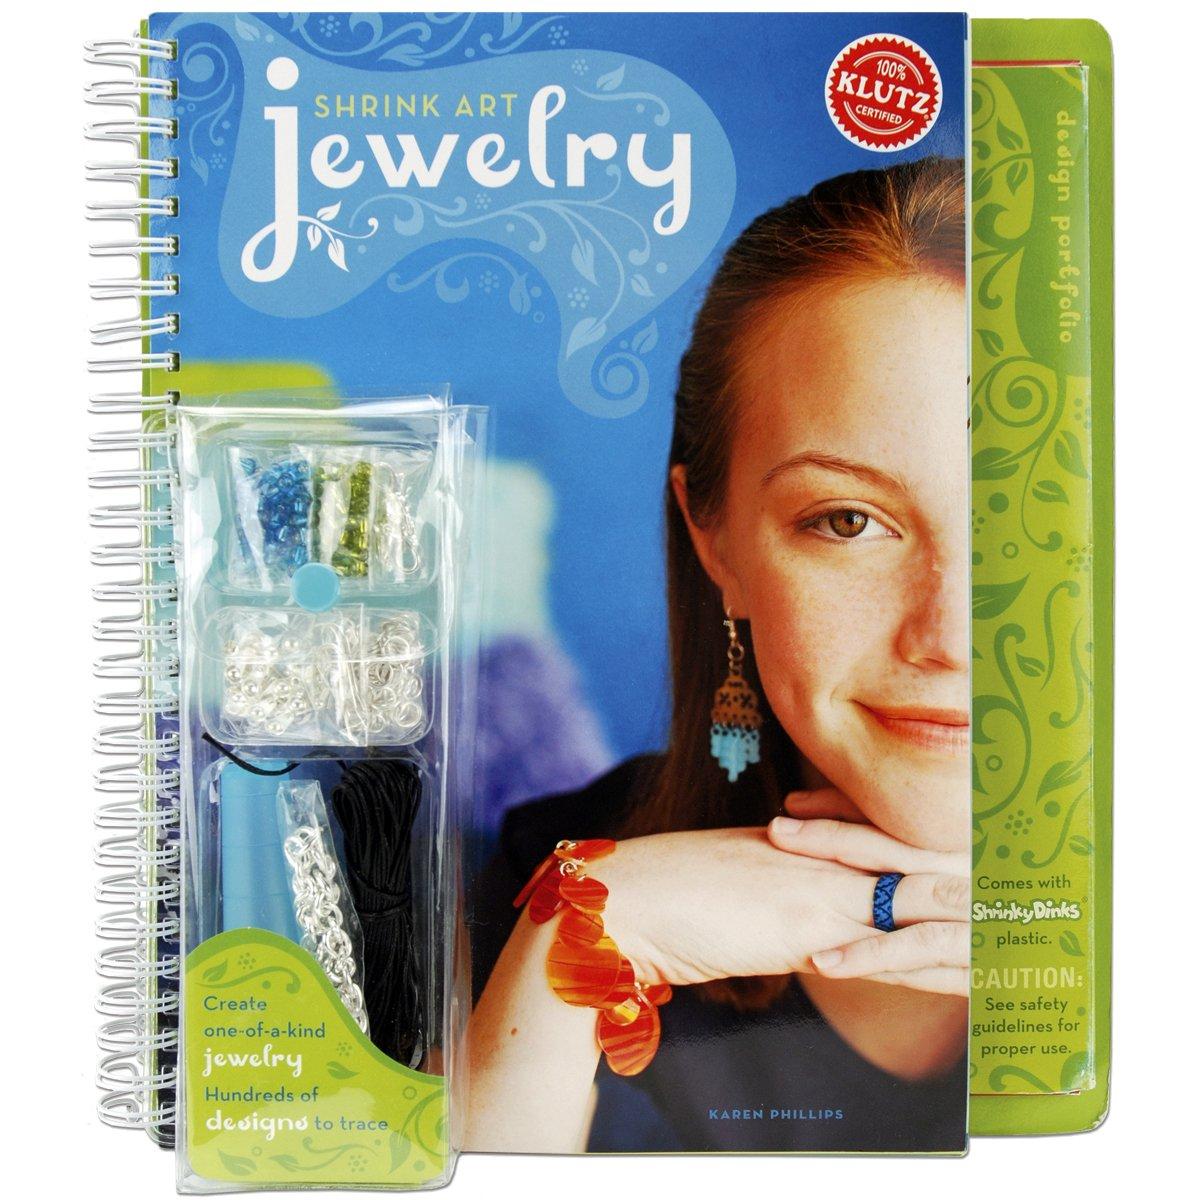 Klutz Shrink Art Jewelry karen-phillips K4377 Teens - General